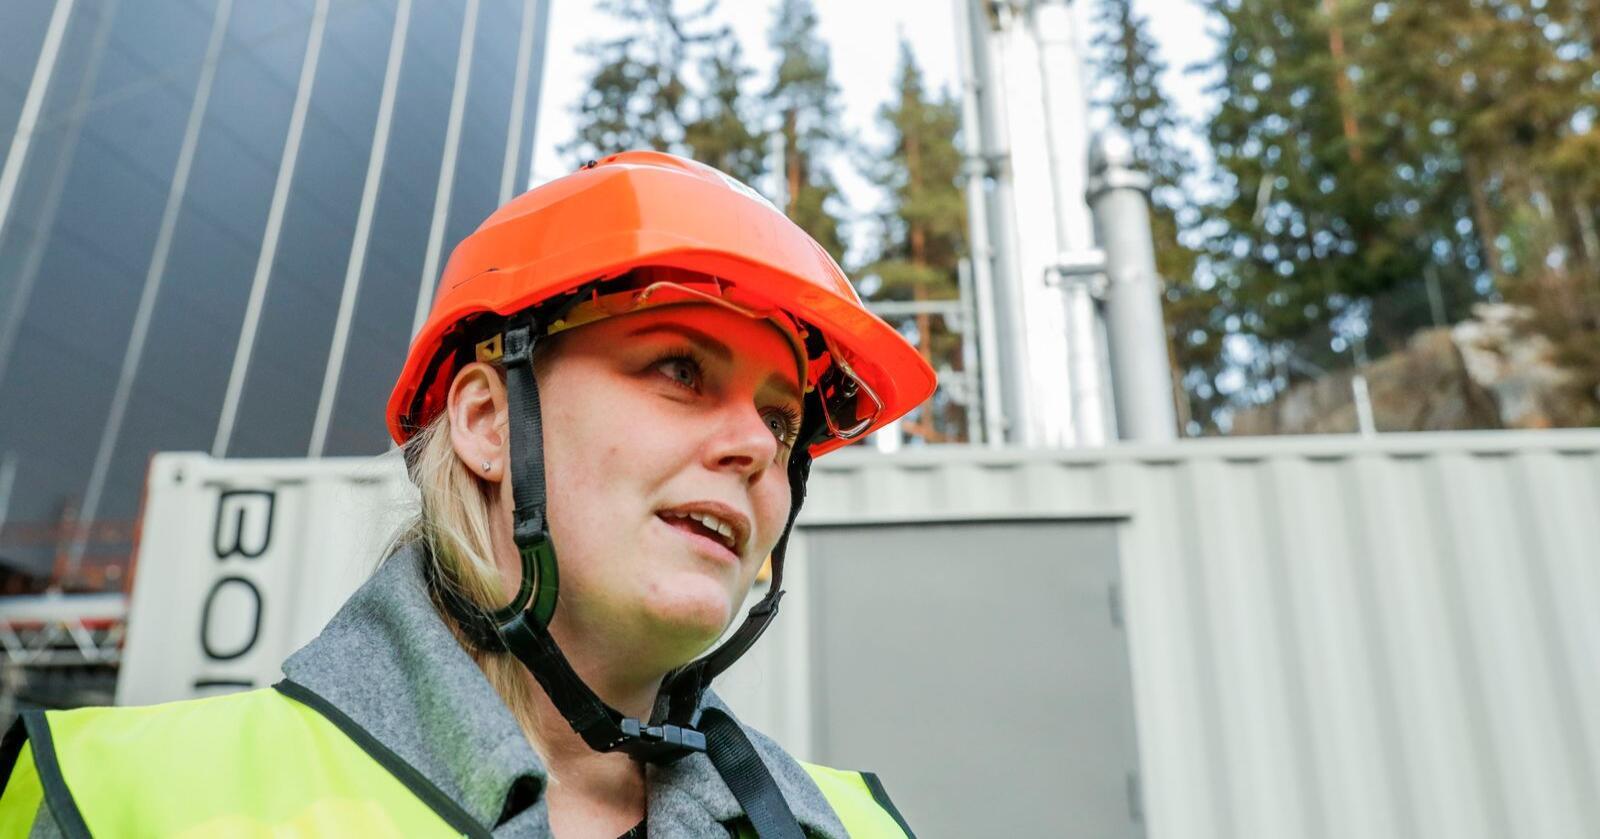 Olje- og energiminister Tina Bru besøkte mandag Fortum Oslo Varmes energigjenvinningsanlegg på Klemetsrud for å se nærmere på pilotprosjektet som er gjennomført der for CO2-fangst. Foto: Terje Bendiksby / NTB scanpix